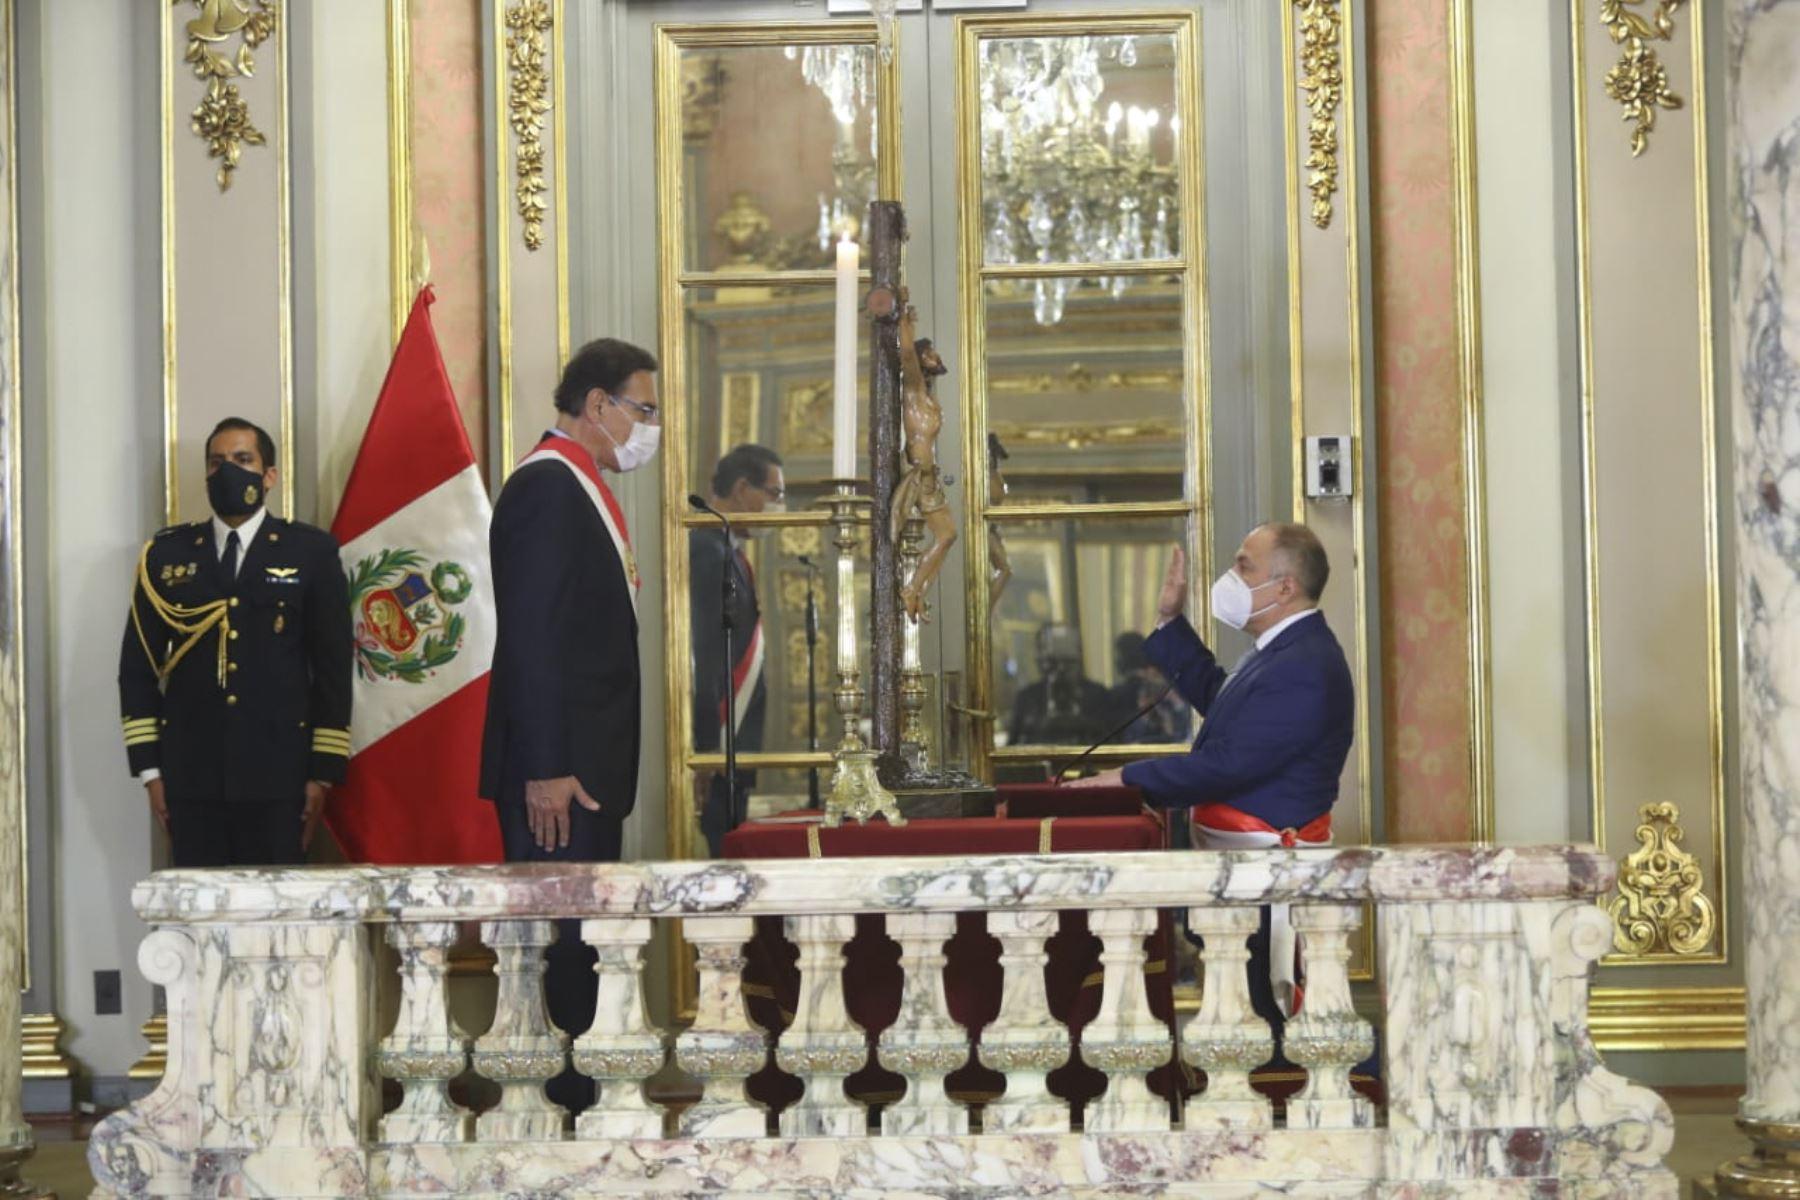 El presidente de la República, Martín Vizcarra, toma juramento a Javier Palacios Gallegos como ministro de trabajo. Foto: ANDINA/ Prensa Presidencia